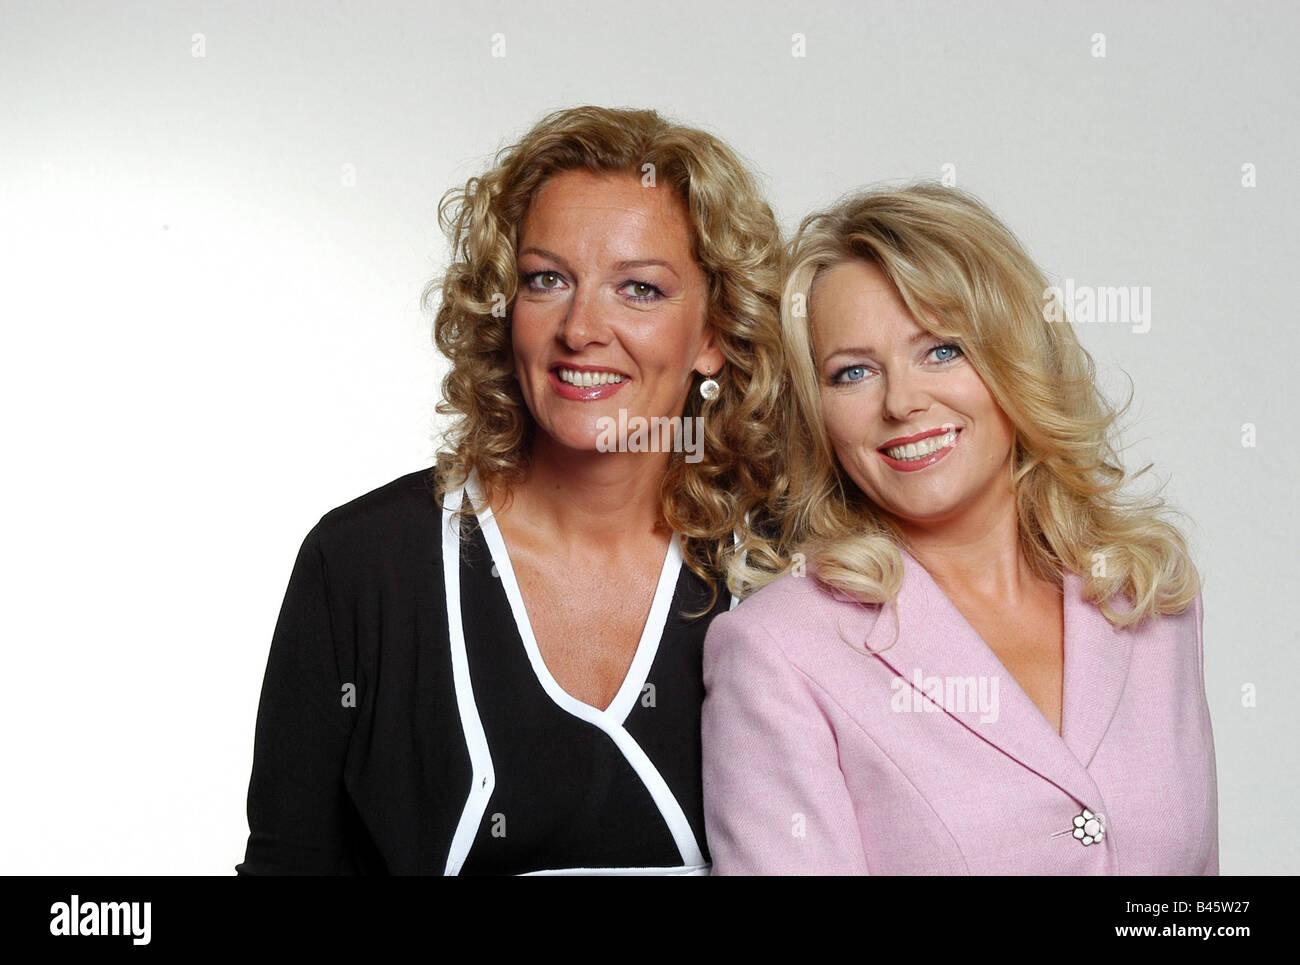 With Bettina Tietjen Stockfotos With Bettina Tietjen Bilder Alamy